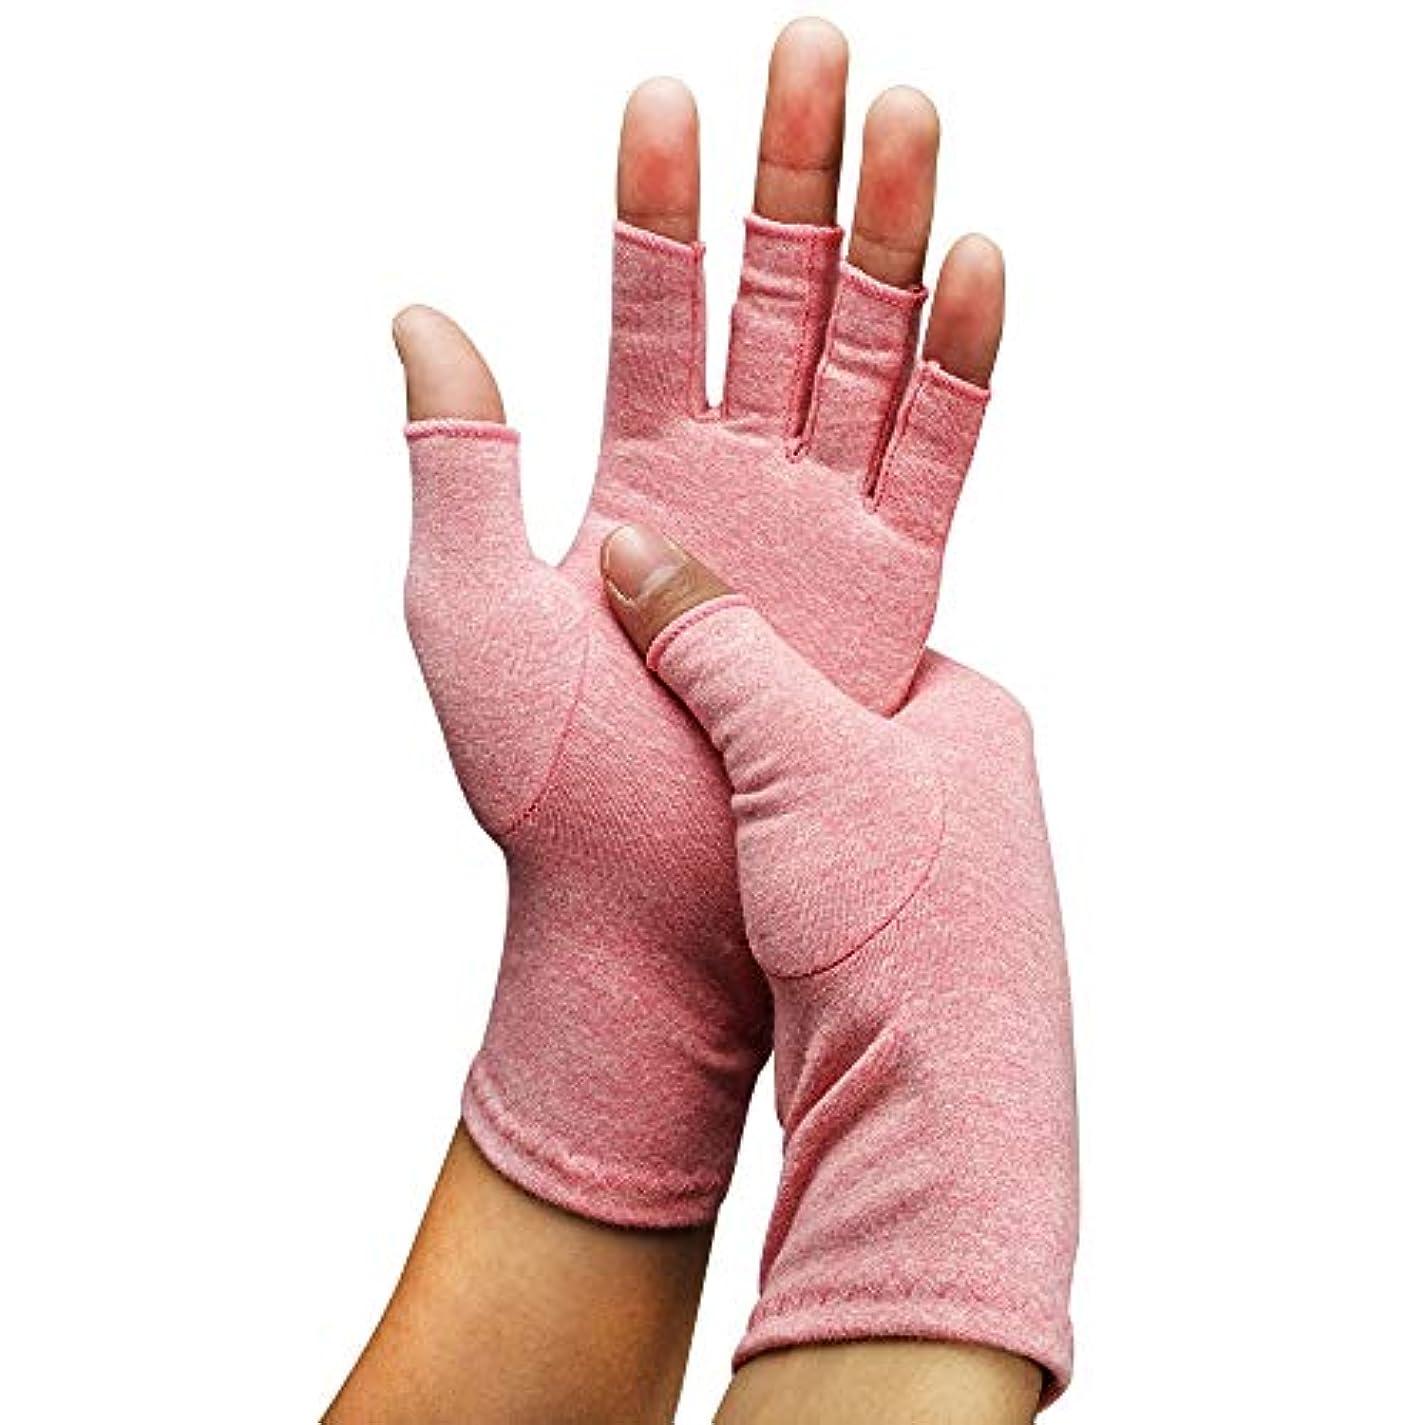 エクスタシー折消費グリップと関節炎の手袋 - 男性と女性の指なし圧縮 - リウマチと変形性関節症のための開いた指の手袋 - 関節炎の関節痛の軽減